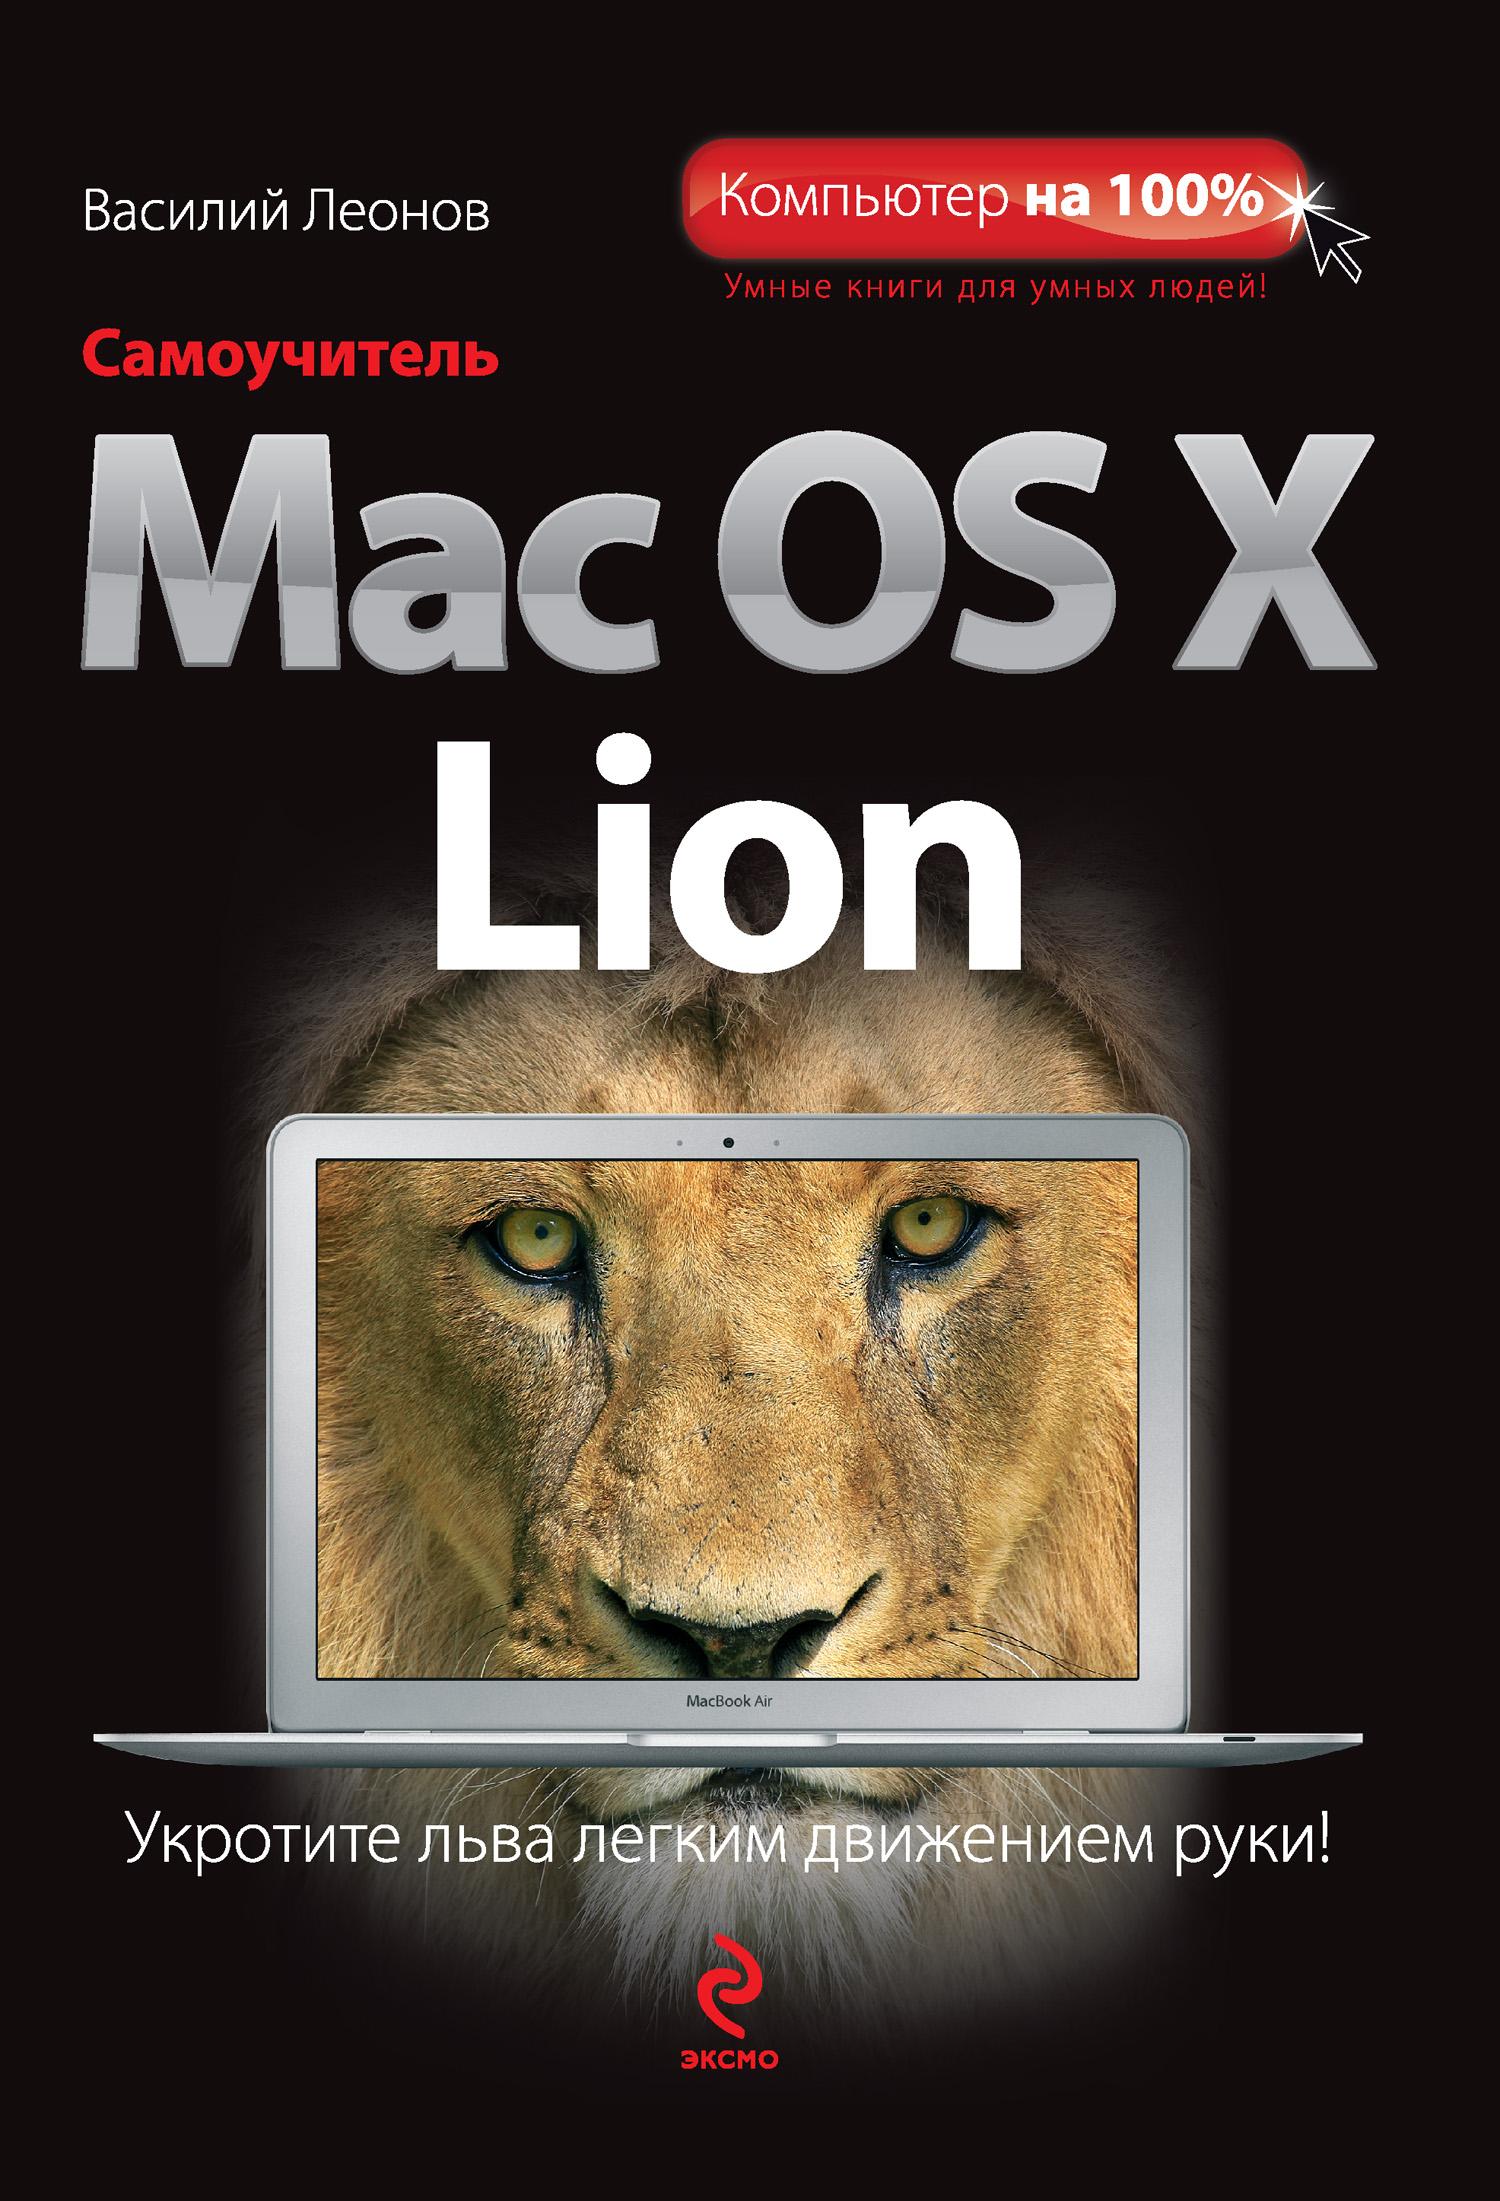 Василий Леонов Самоучитель Mac OS X Lion erick tejkowski teach yourself visuallytm mac os® x tigertm